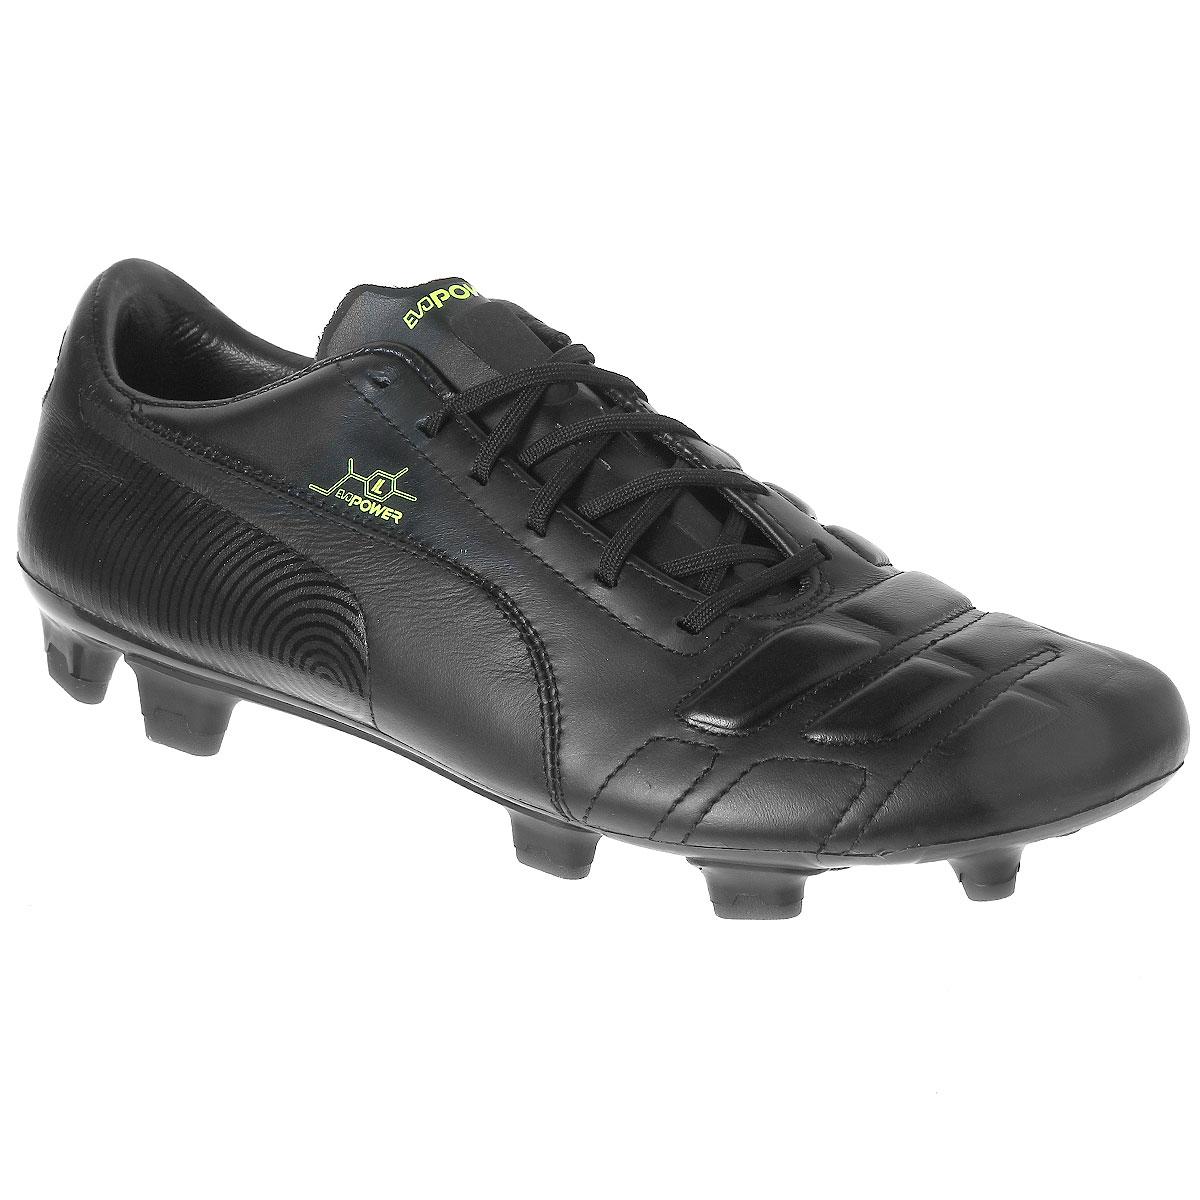 Бутсы мужские evoPOWER 1 L FG10294301Футбольные бутсы Puma evoPOWER 1 L FG - это стильные и надежные бутсы, выполненные из натуральной кожи с шипованной подошвой. Эти бутсы предназначены для большинства естественных и современных синтетических футбольных полей. Шипы круглой и плоской форм изготовлены из термопластичного полиуретана. Такая обувь обеспечивают хорошее сцепление и устойчивость на большинстве натуральных и современных искусственных футбольных полей и футболисты чаще всего выбирают именно этот тип футбольных бутс. Подошва изготовлена из пластика, а подкладка - из текстиля. Бутсы на шнуровке.